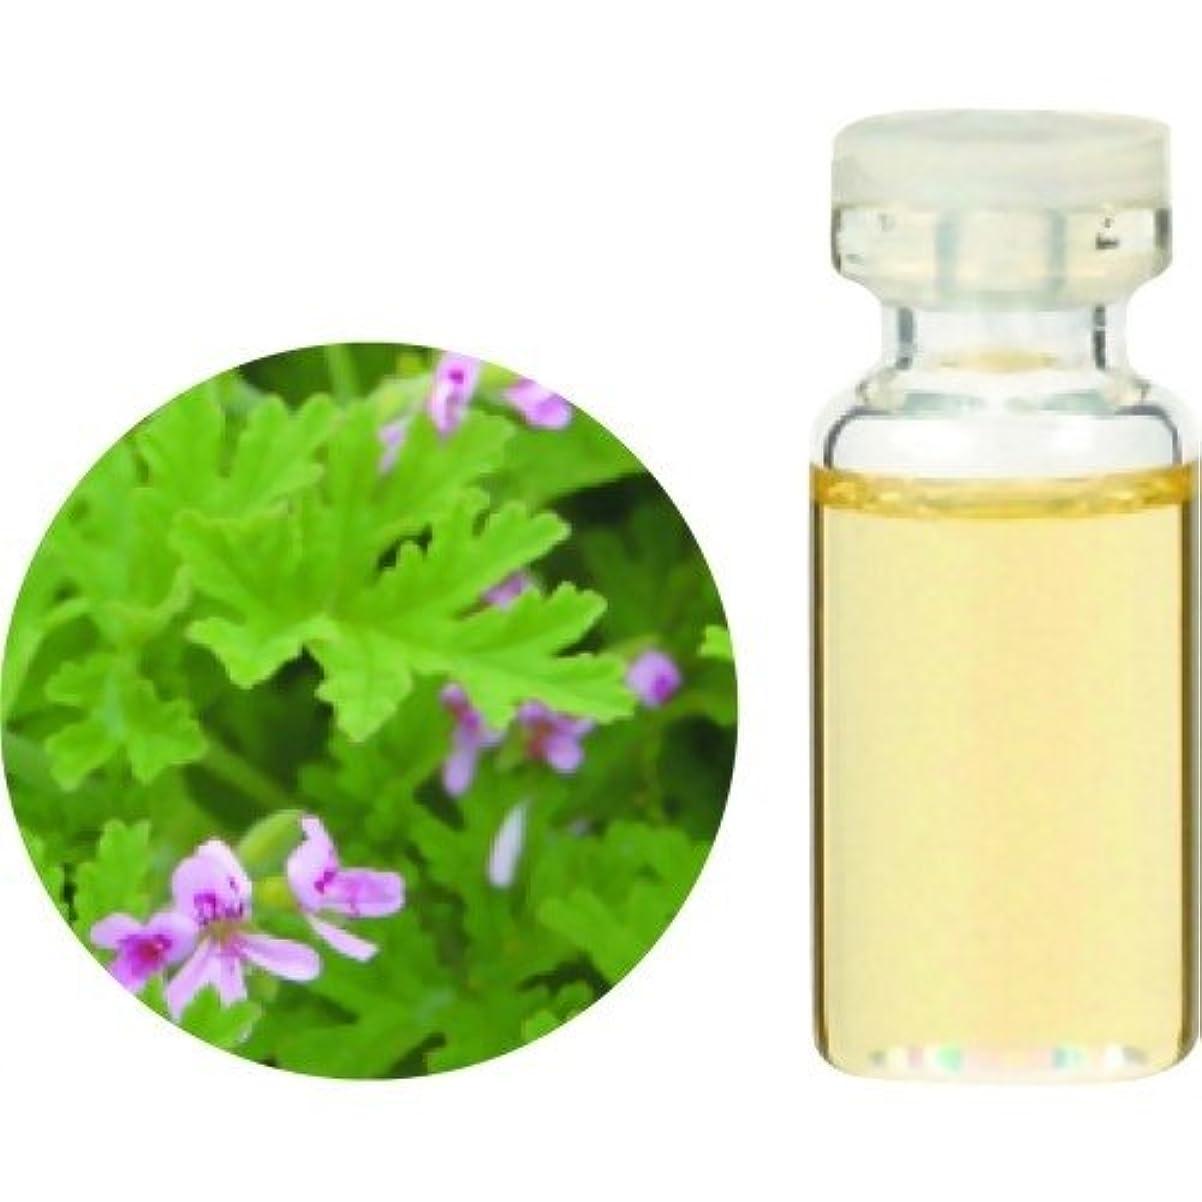 部屋を掃除するアンテナ最後の生活の木 Herbal Life Organic ゼラニウム 10ml